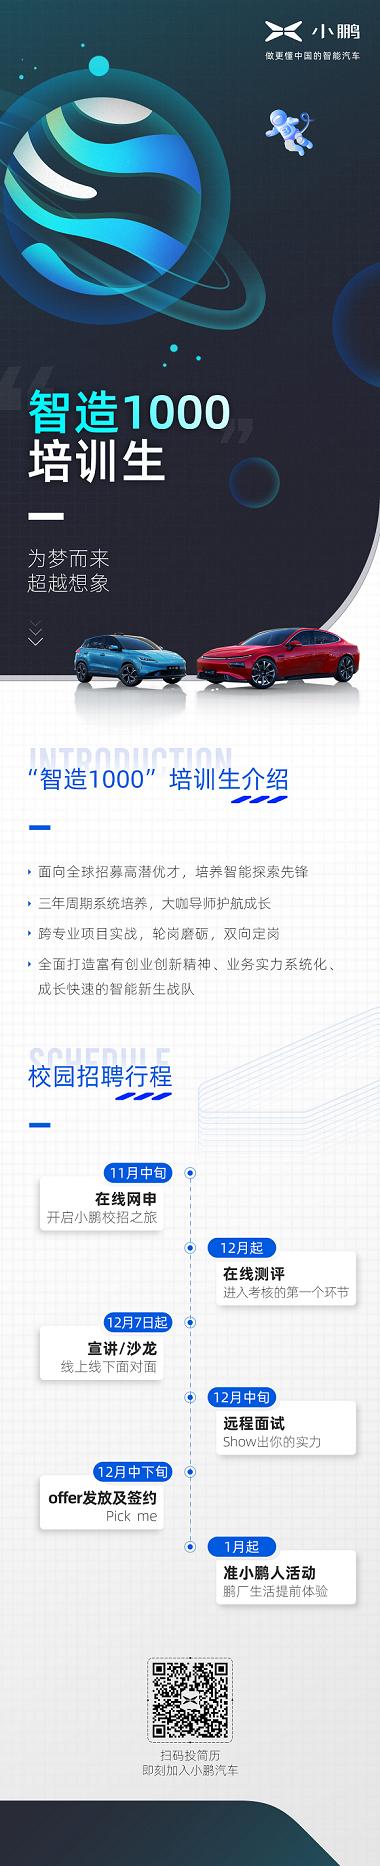 """智造人才先行 小鹏汽车面向全球启动""""智造1000""""培训生计划"""